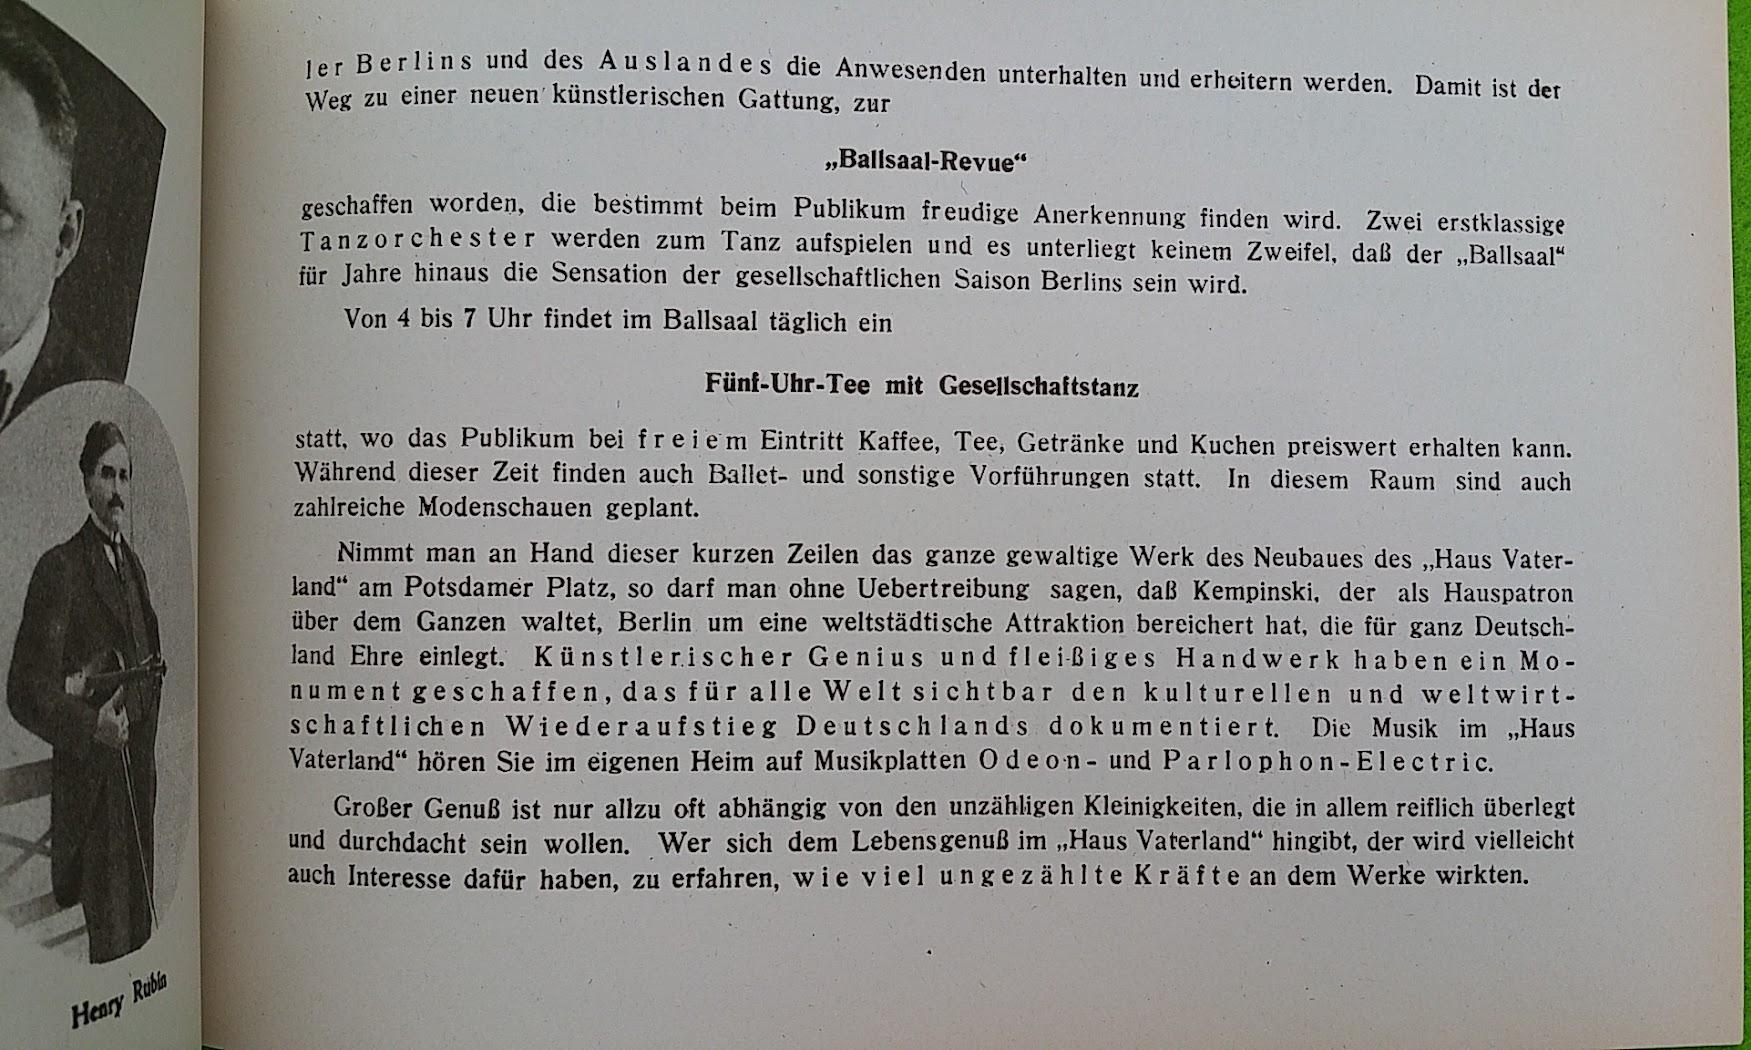 Begleitheft zur Eröffnung von Haus Vaterland am Potsdamer Platz, Berlin, 31. August 1928 - Ballsaal-Revue, Fünf-Uhr-Tee mit Gesellschaftstanz